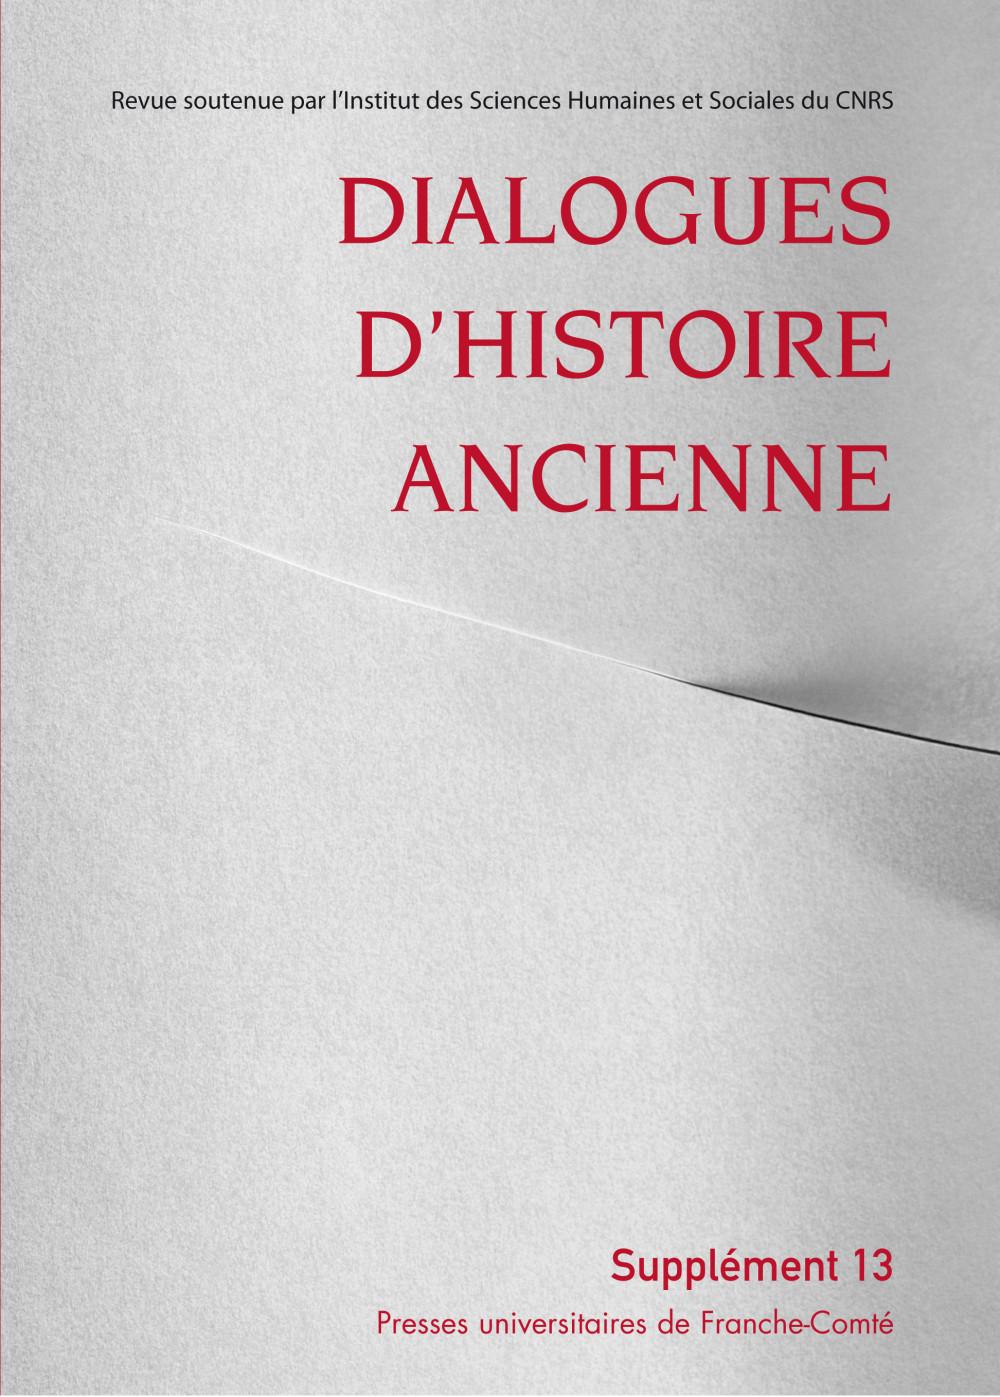 Dialogues d'Histoire Ancienne, supplément 13